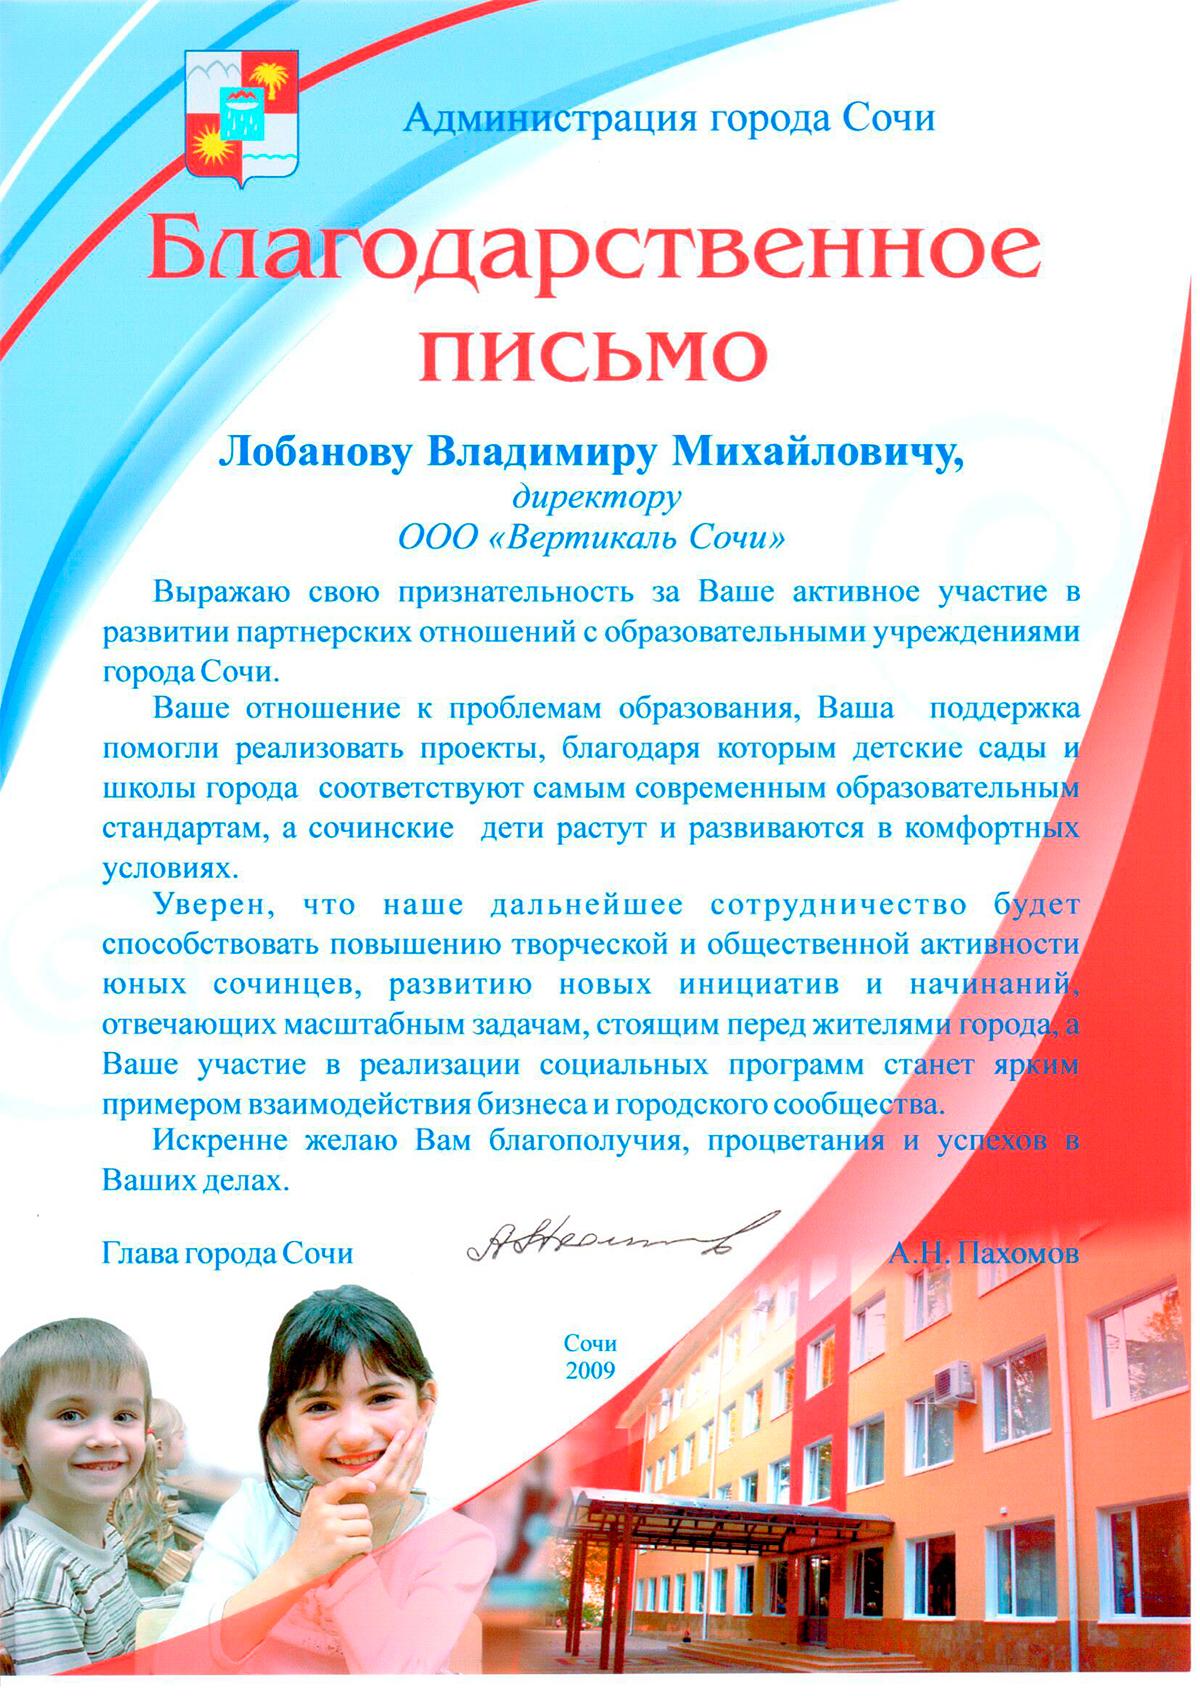 Благодарственное письмо от Администрации города Сочи